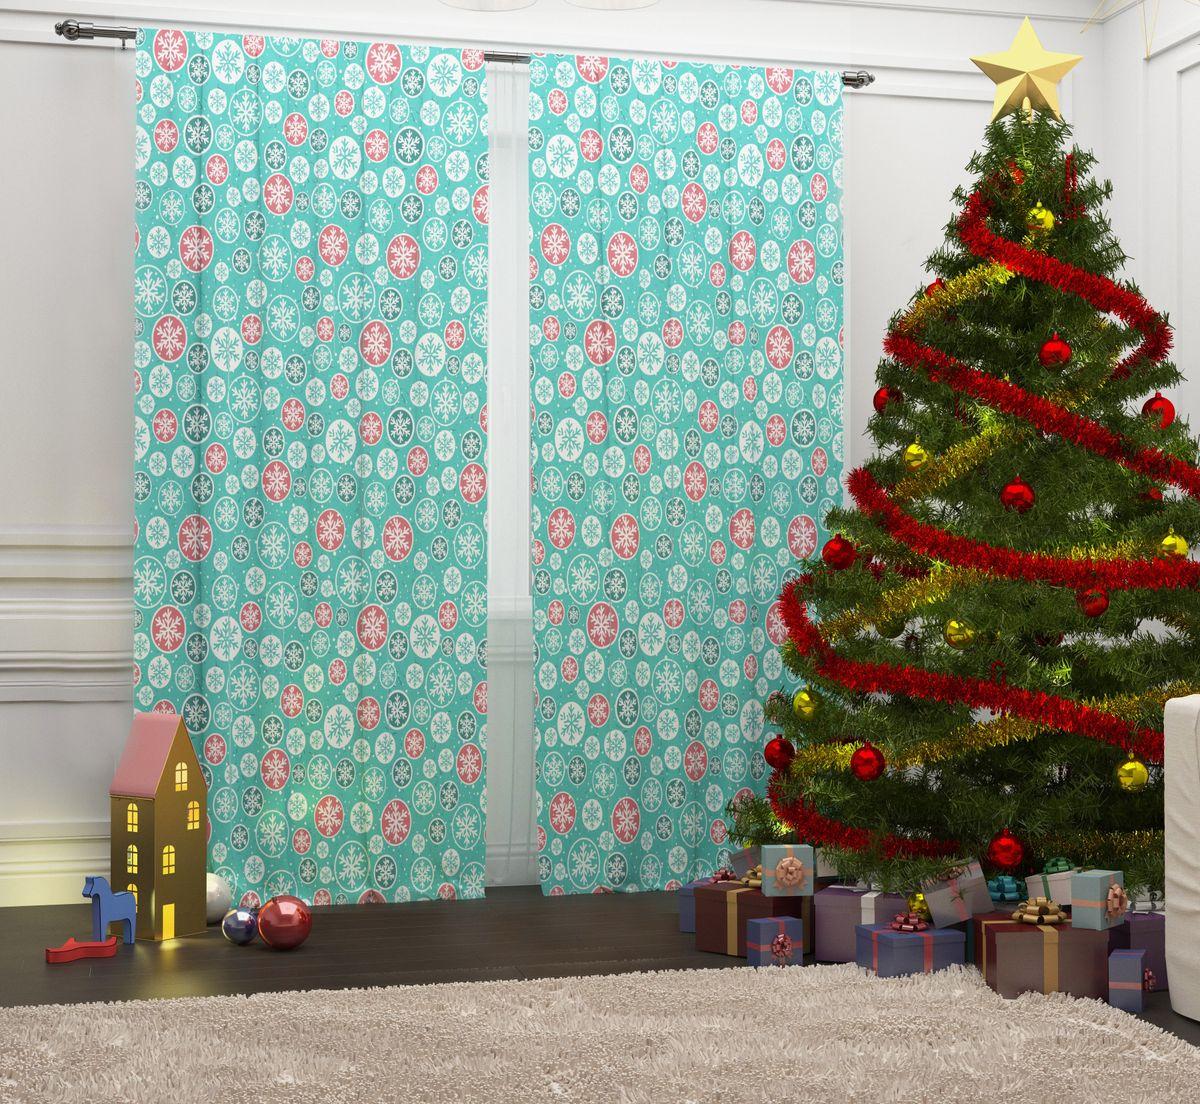 Фотошторы Сирень Узор-снежинки, на ленте, высота 260 см07208-ФШ-ГБ-001Перед новогодними праздниками каждая хозяйка или хозяин хотят украсить свой дом. Мы предлагаем оригинальное решение, украсить Ваше окно фотошторами с новогодней тематикой. Новогодние фотошторы Сирень станут отличным подарком на Новый год. Подарите радость праздника себе и Вашим близким людям! Текстиль бренда «Сирень» - качество в каждом сантиметре ткани! Крепление на карниз при помощи шторной ленты на крючки. В комплекте: Портьера: 2 шт. Размер (ШхВ): 145 см х 260 см. Рекомендации по уходу: стирка при 30 градусах гладить при температуре до 150 градусов Изображение на мониторе может немного отличаться от реального.